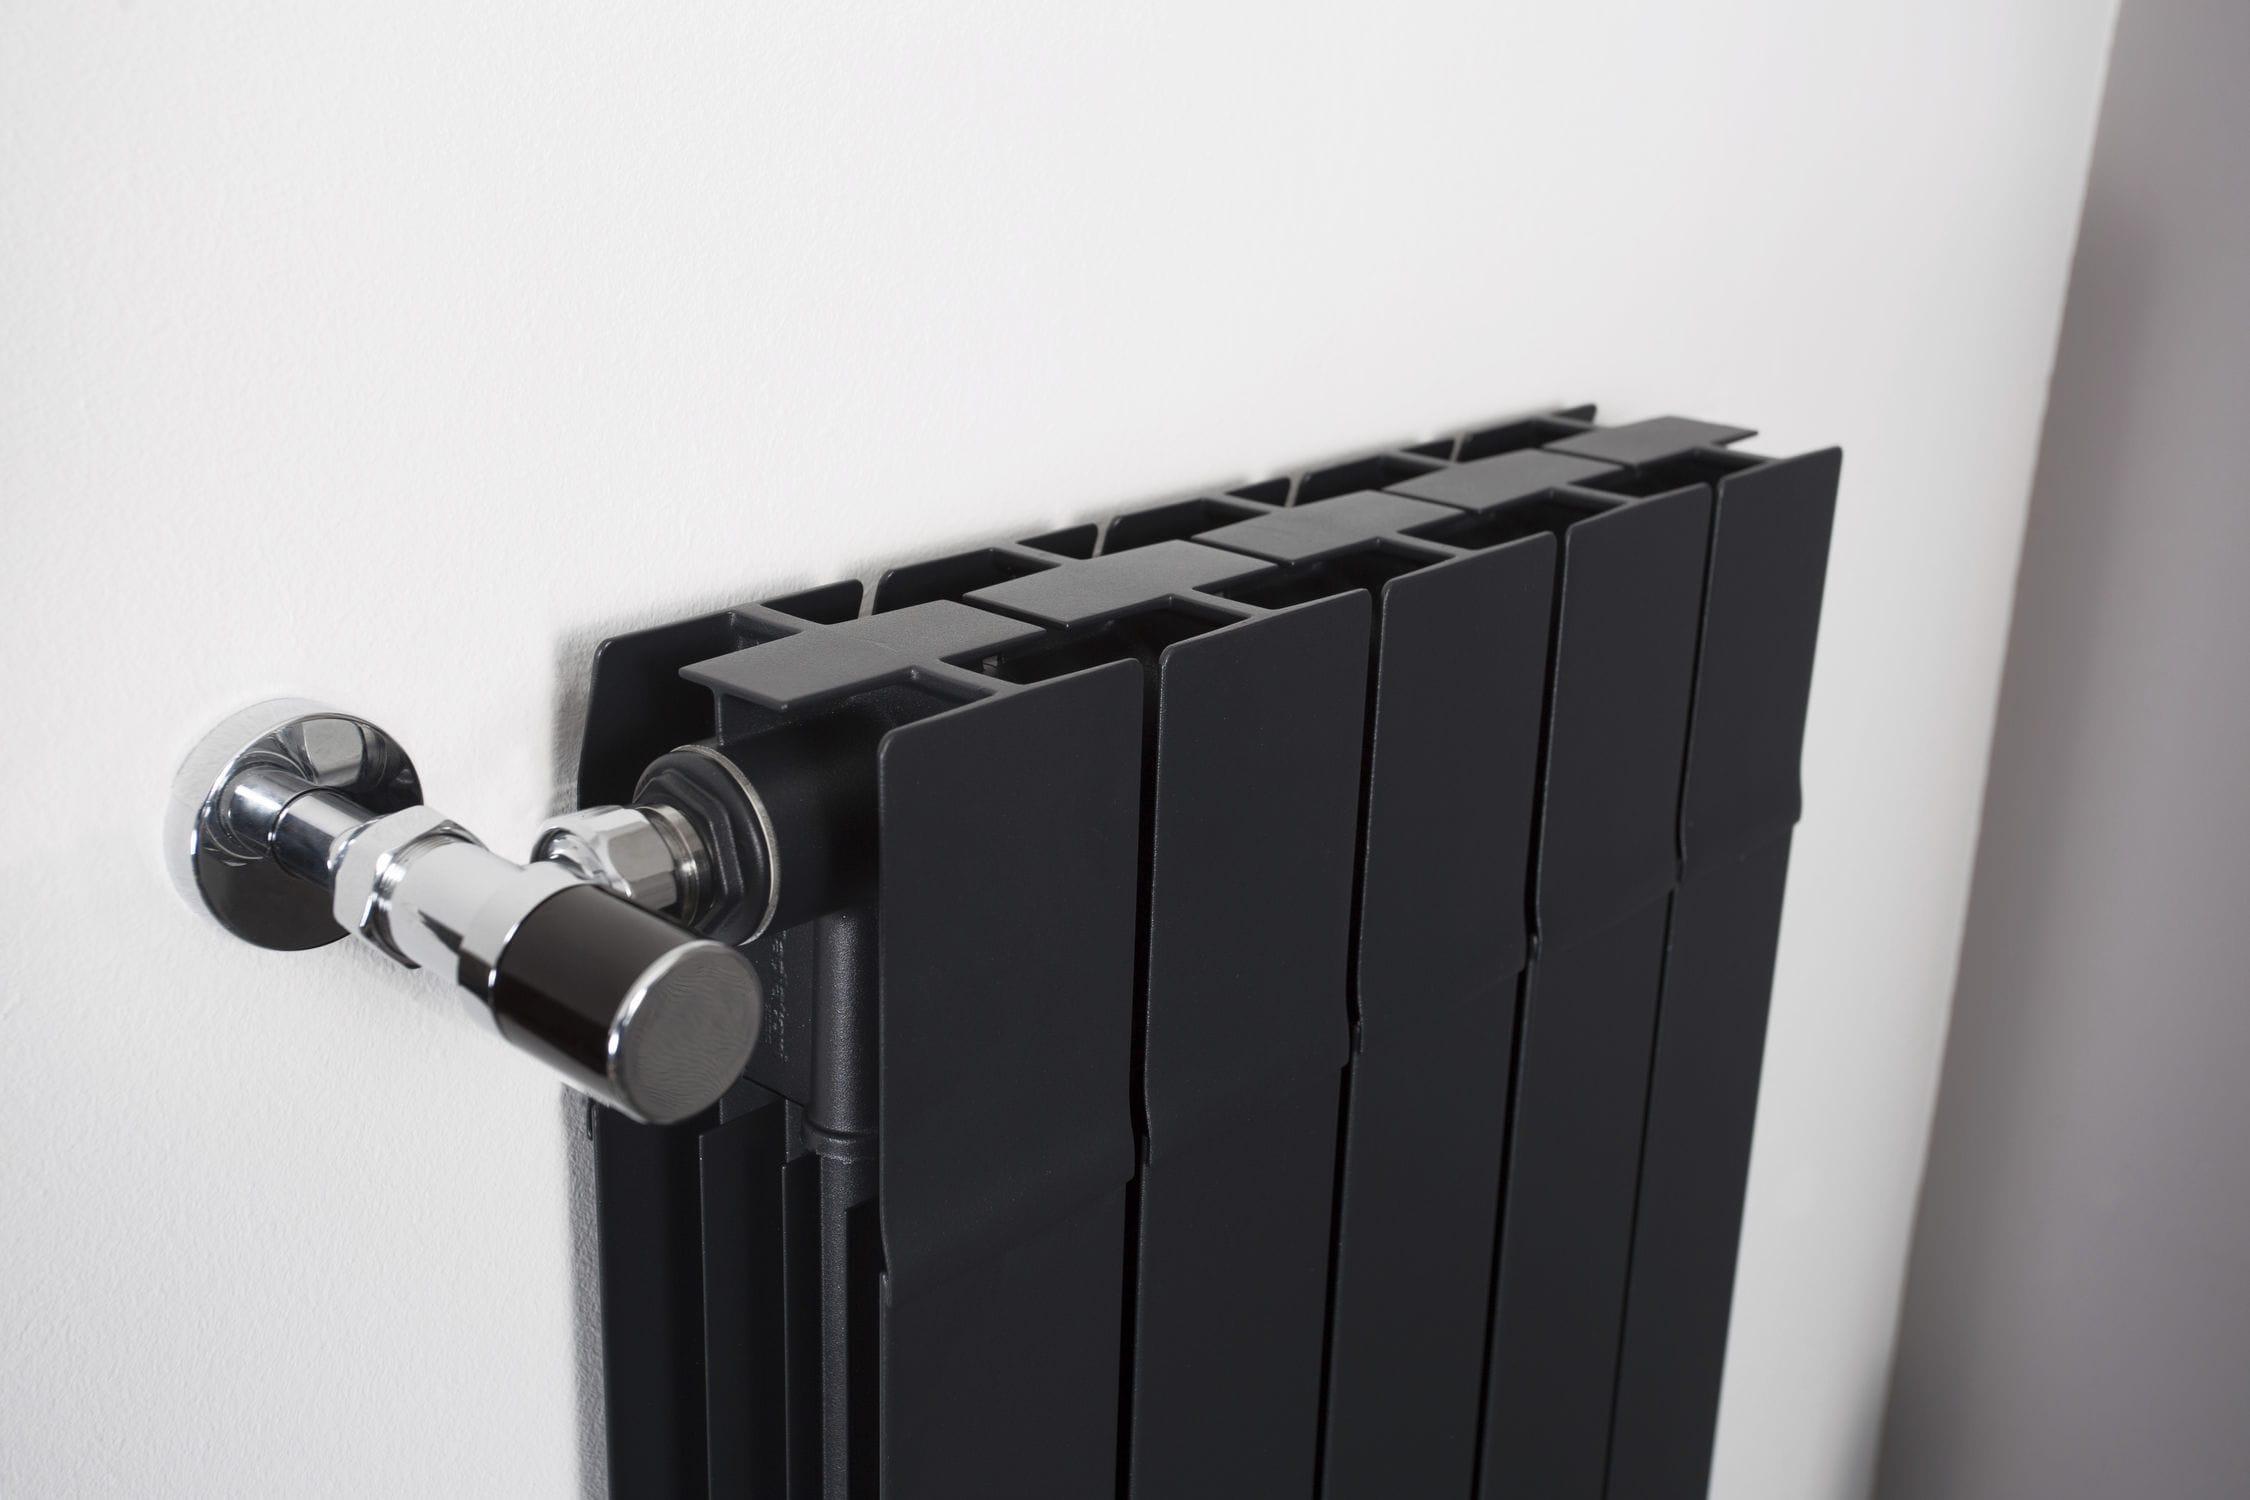 Puissance Radiateur Eau Chaude Salle De Bain ~ radiateur eau chaude en aluminium contemporain vertical